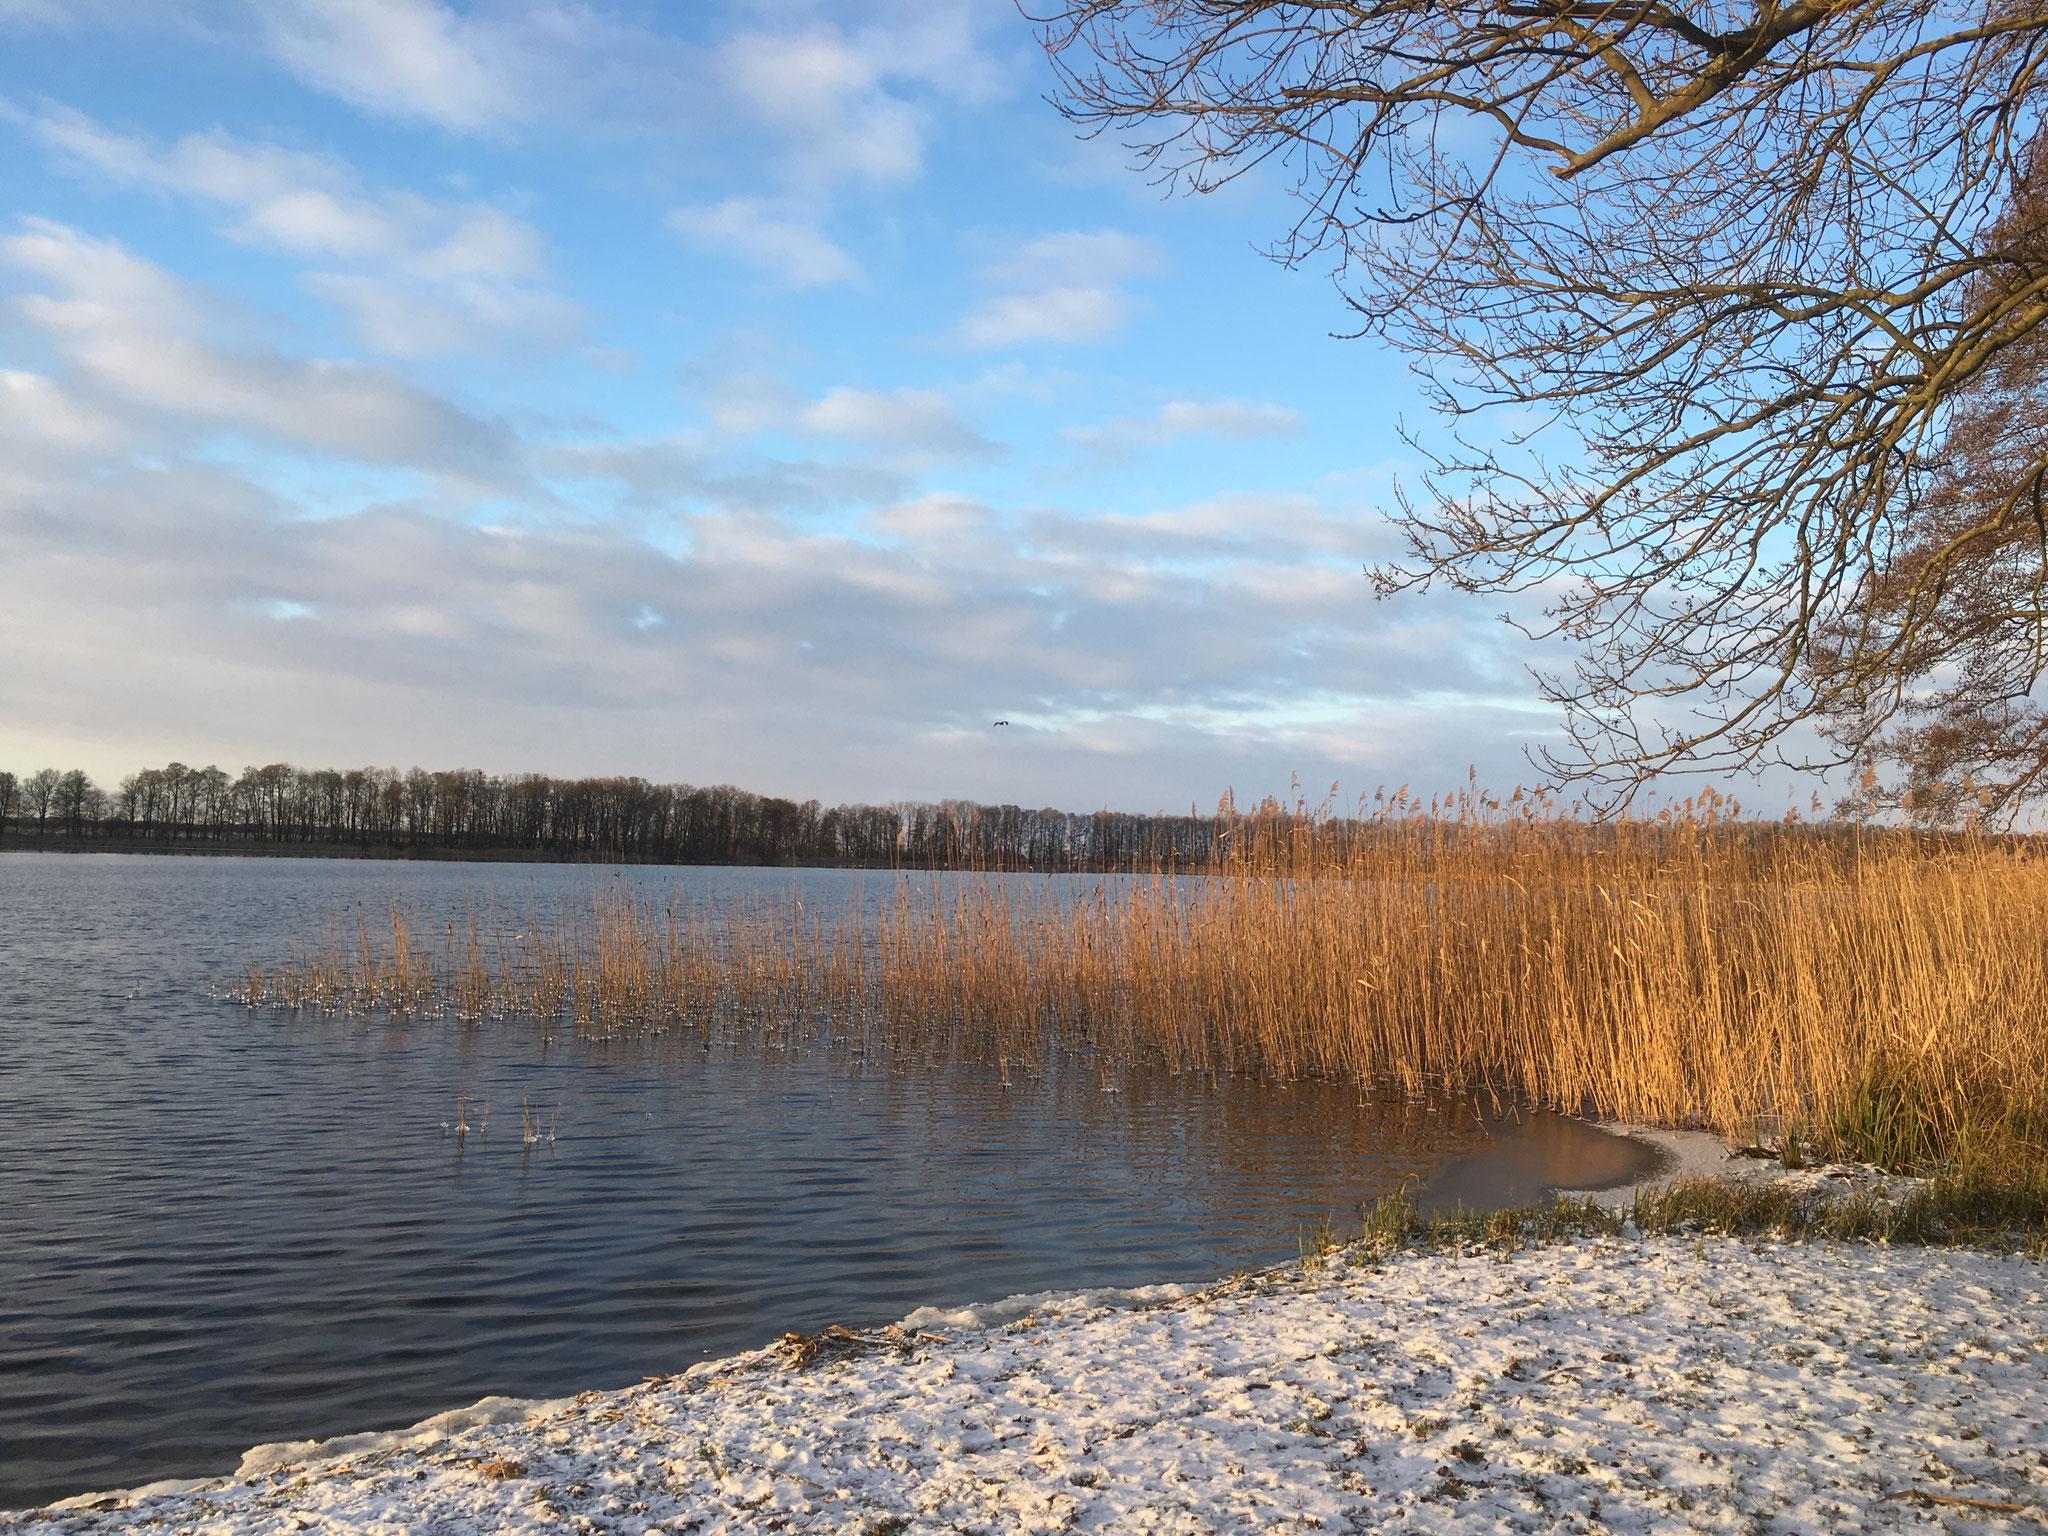 Klostersee Altfriedland